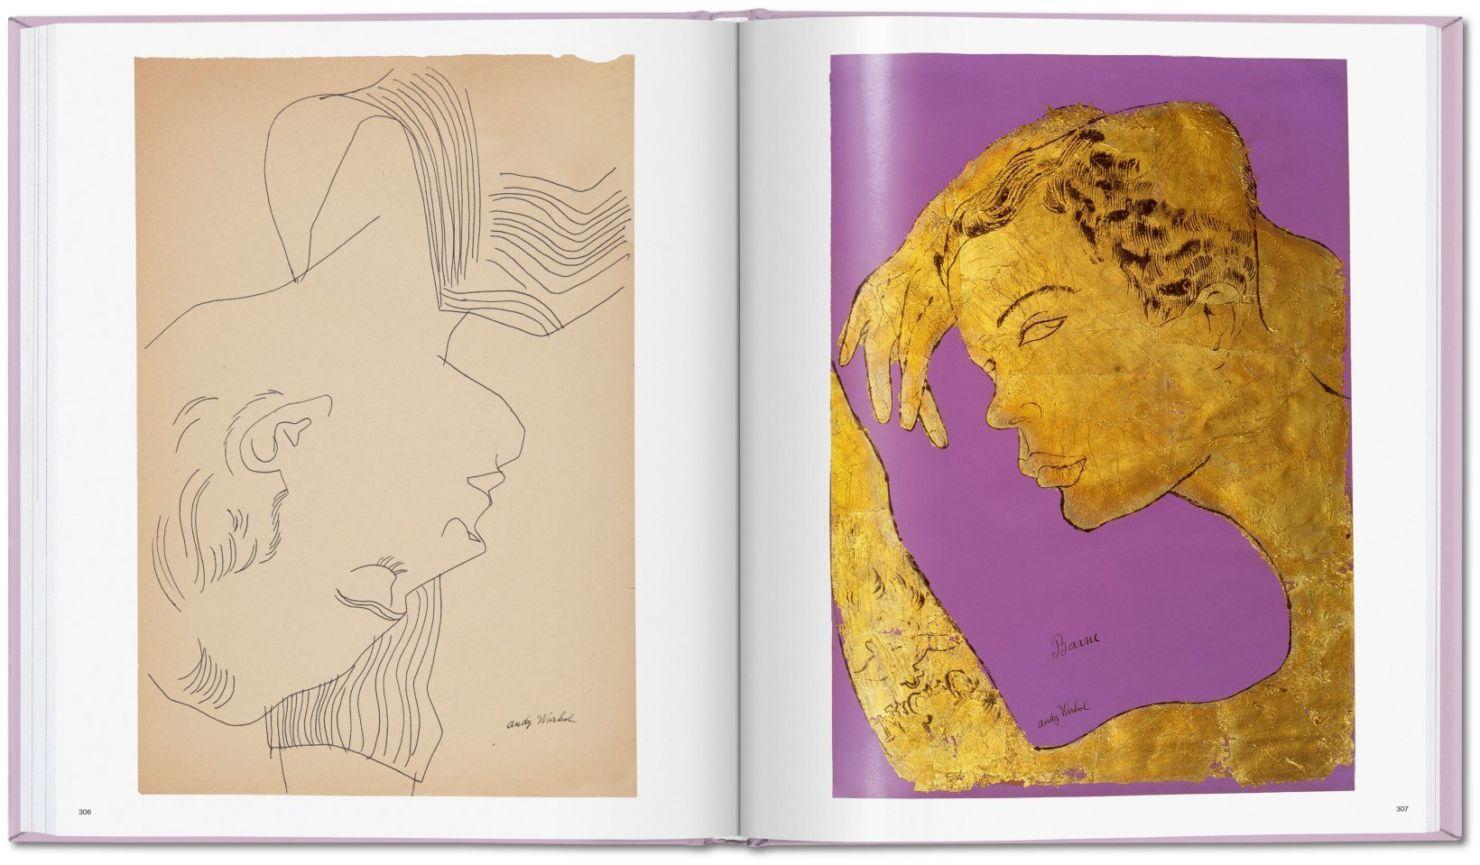 Las obras eróticas de Andy Warhol que tal vez no conocías